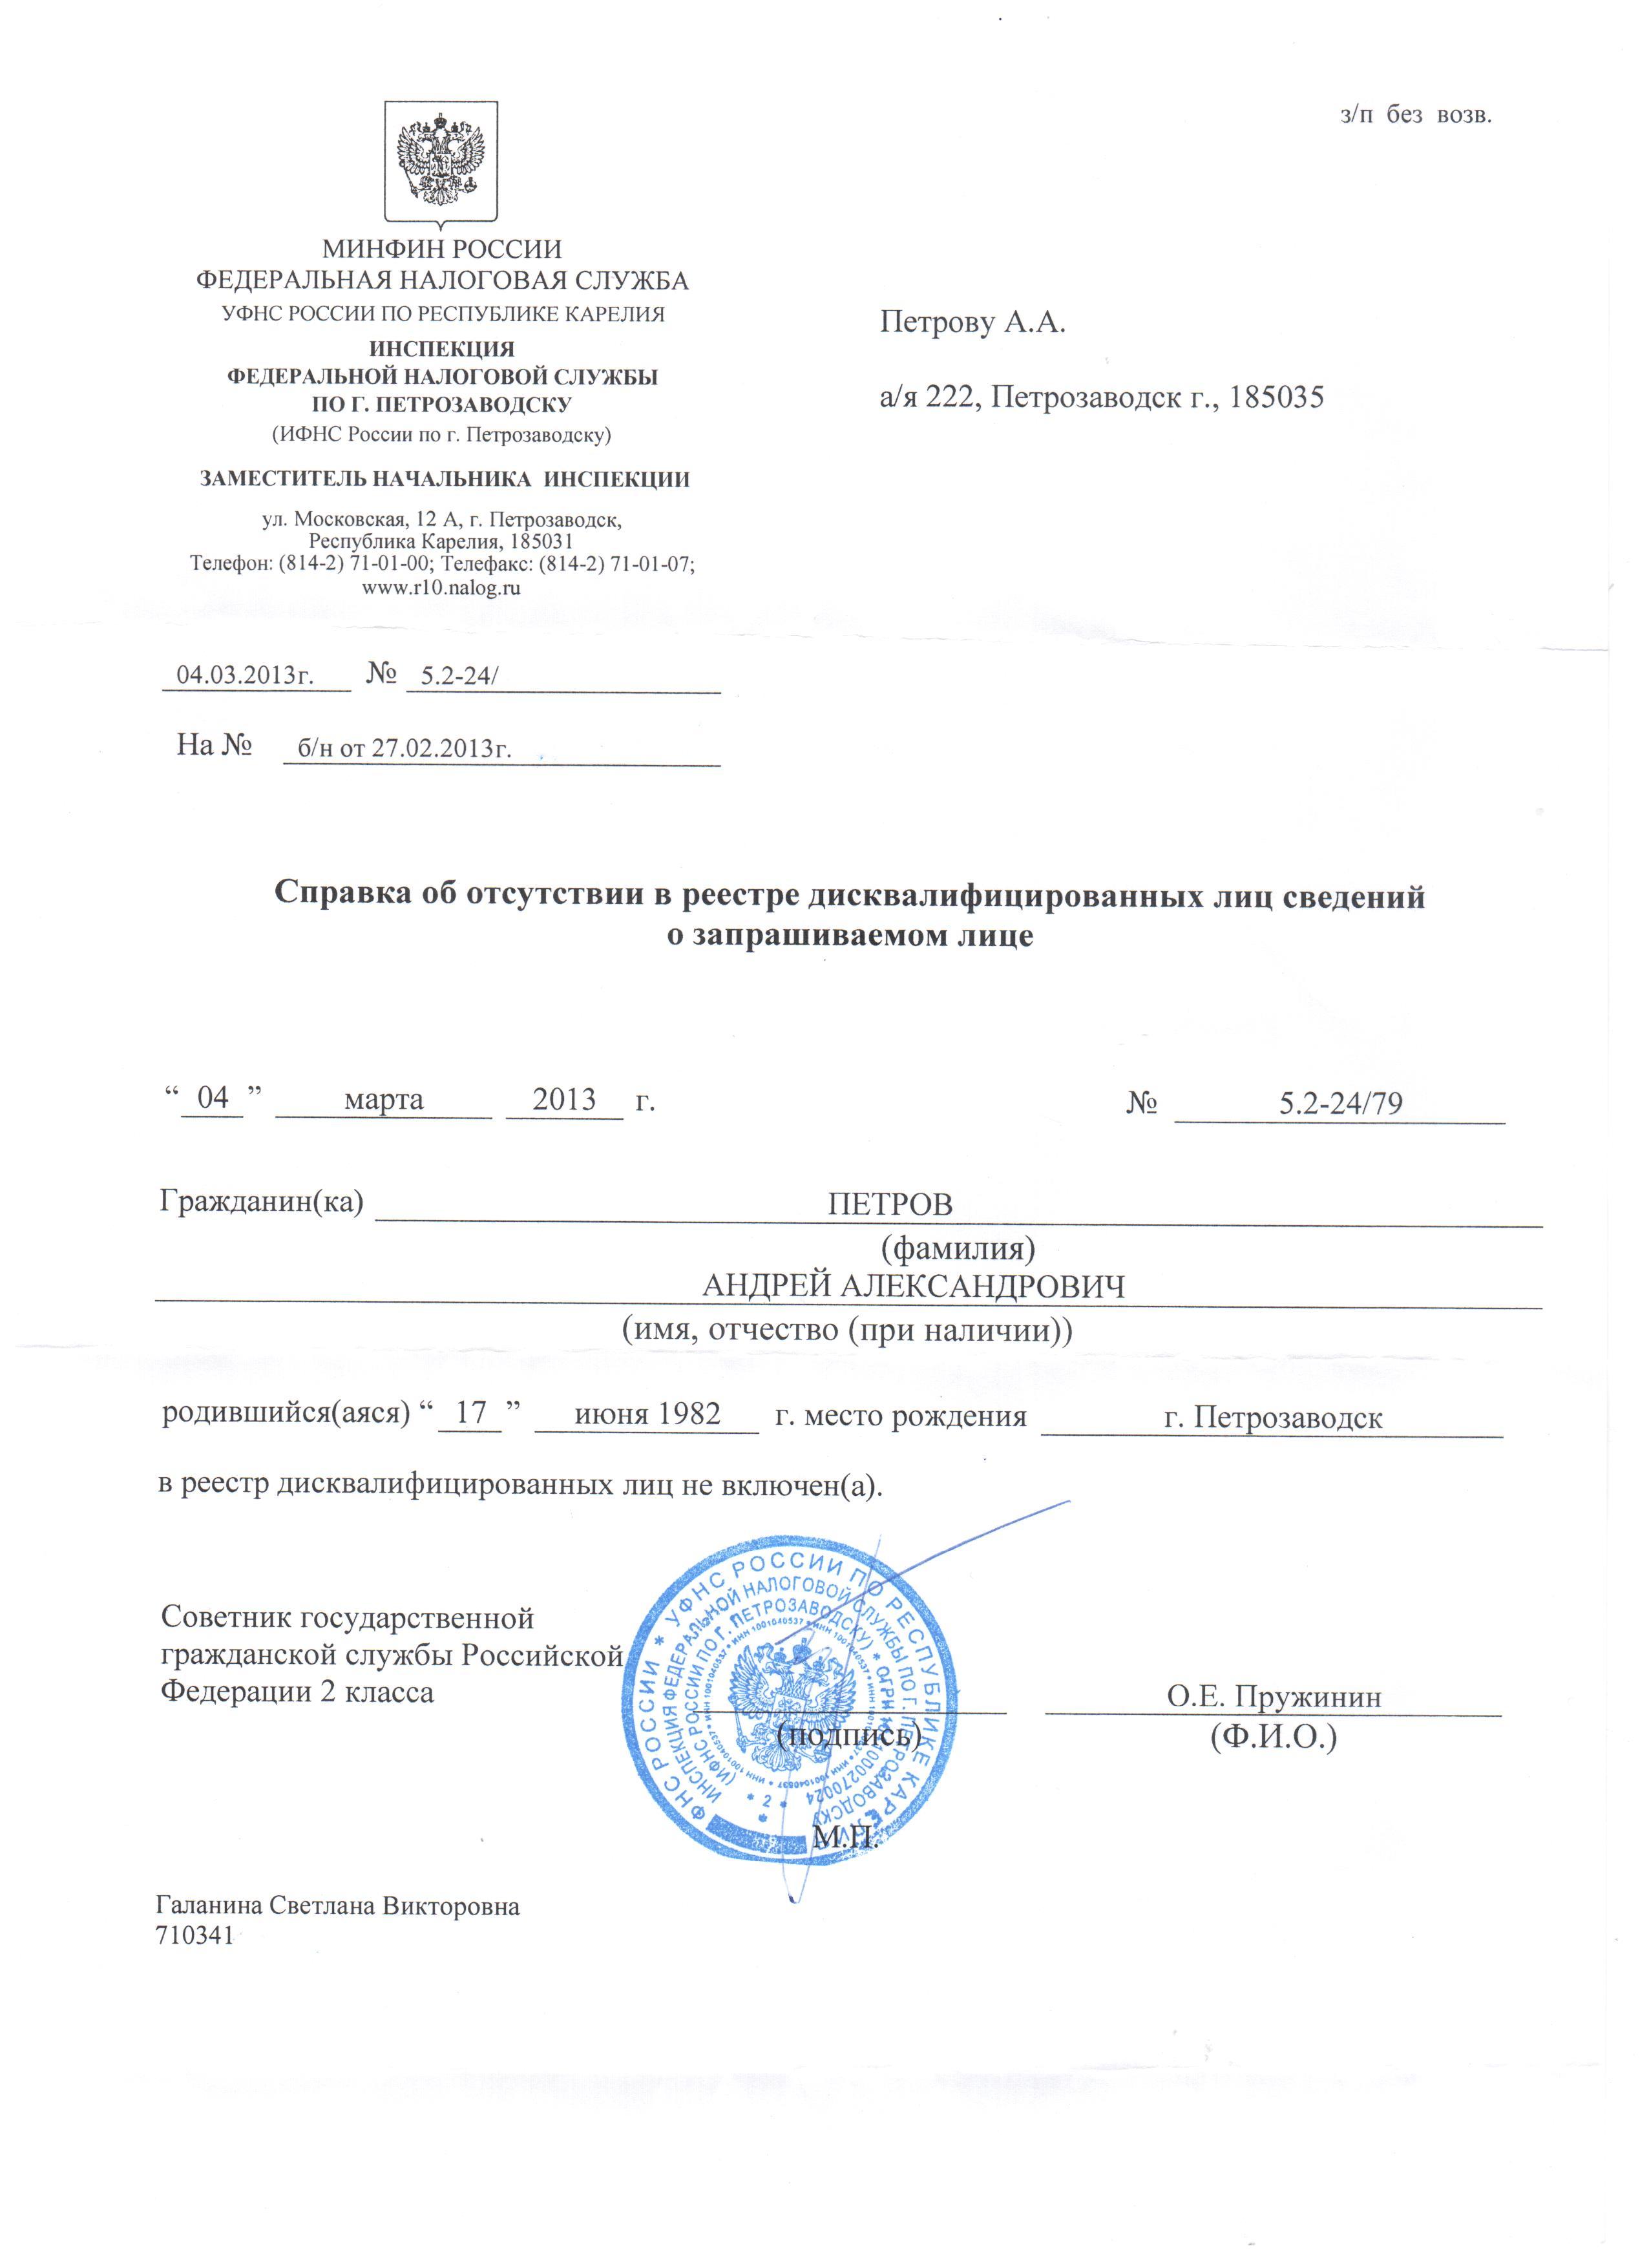 справка об отсутствии в реестре дисквалифицированных лиц сведений о запрашиваемом лице